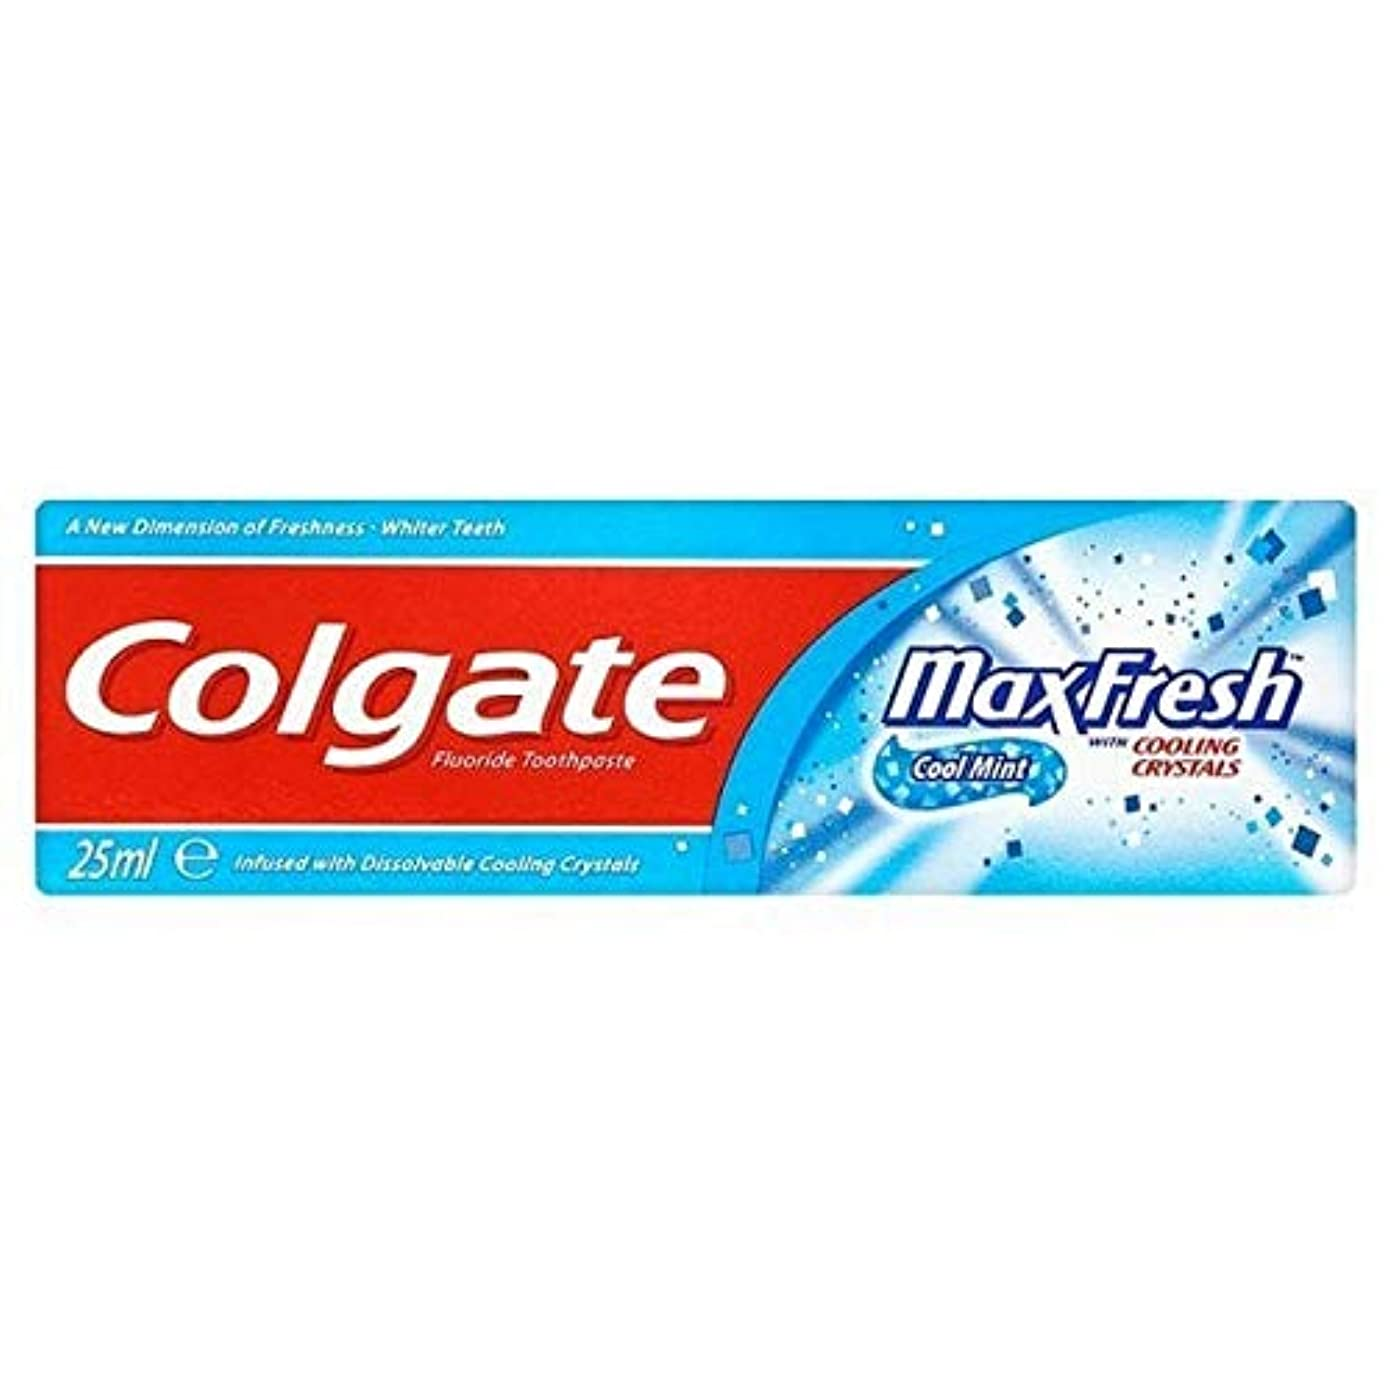 ご飯亡命どきどき[Colgate ] 結晶歯磨き粉旅行25ミリリットル新鮮なコルゲートマックス - Colgate Max Fresh with Crystals Toothpaste Travel 25ml [並行輸入品]